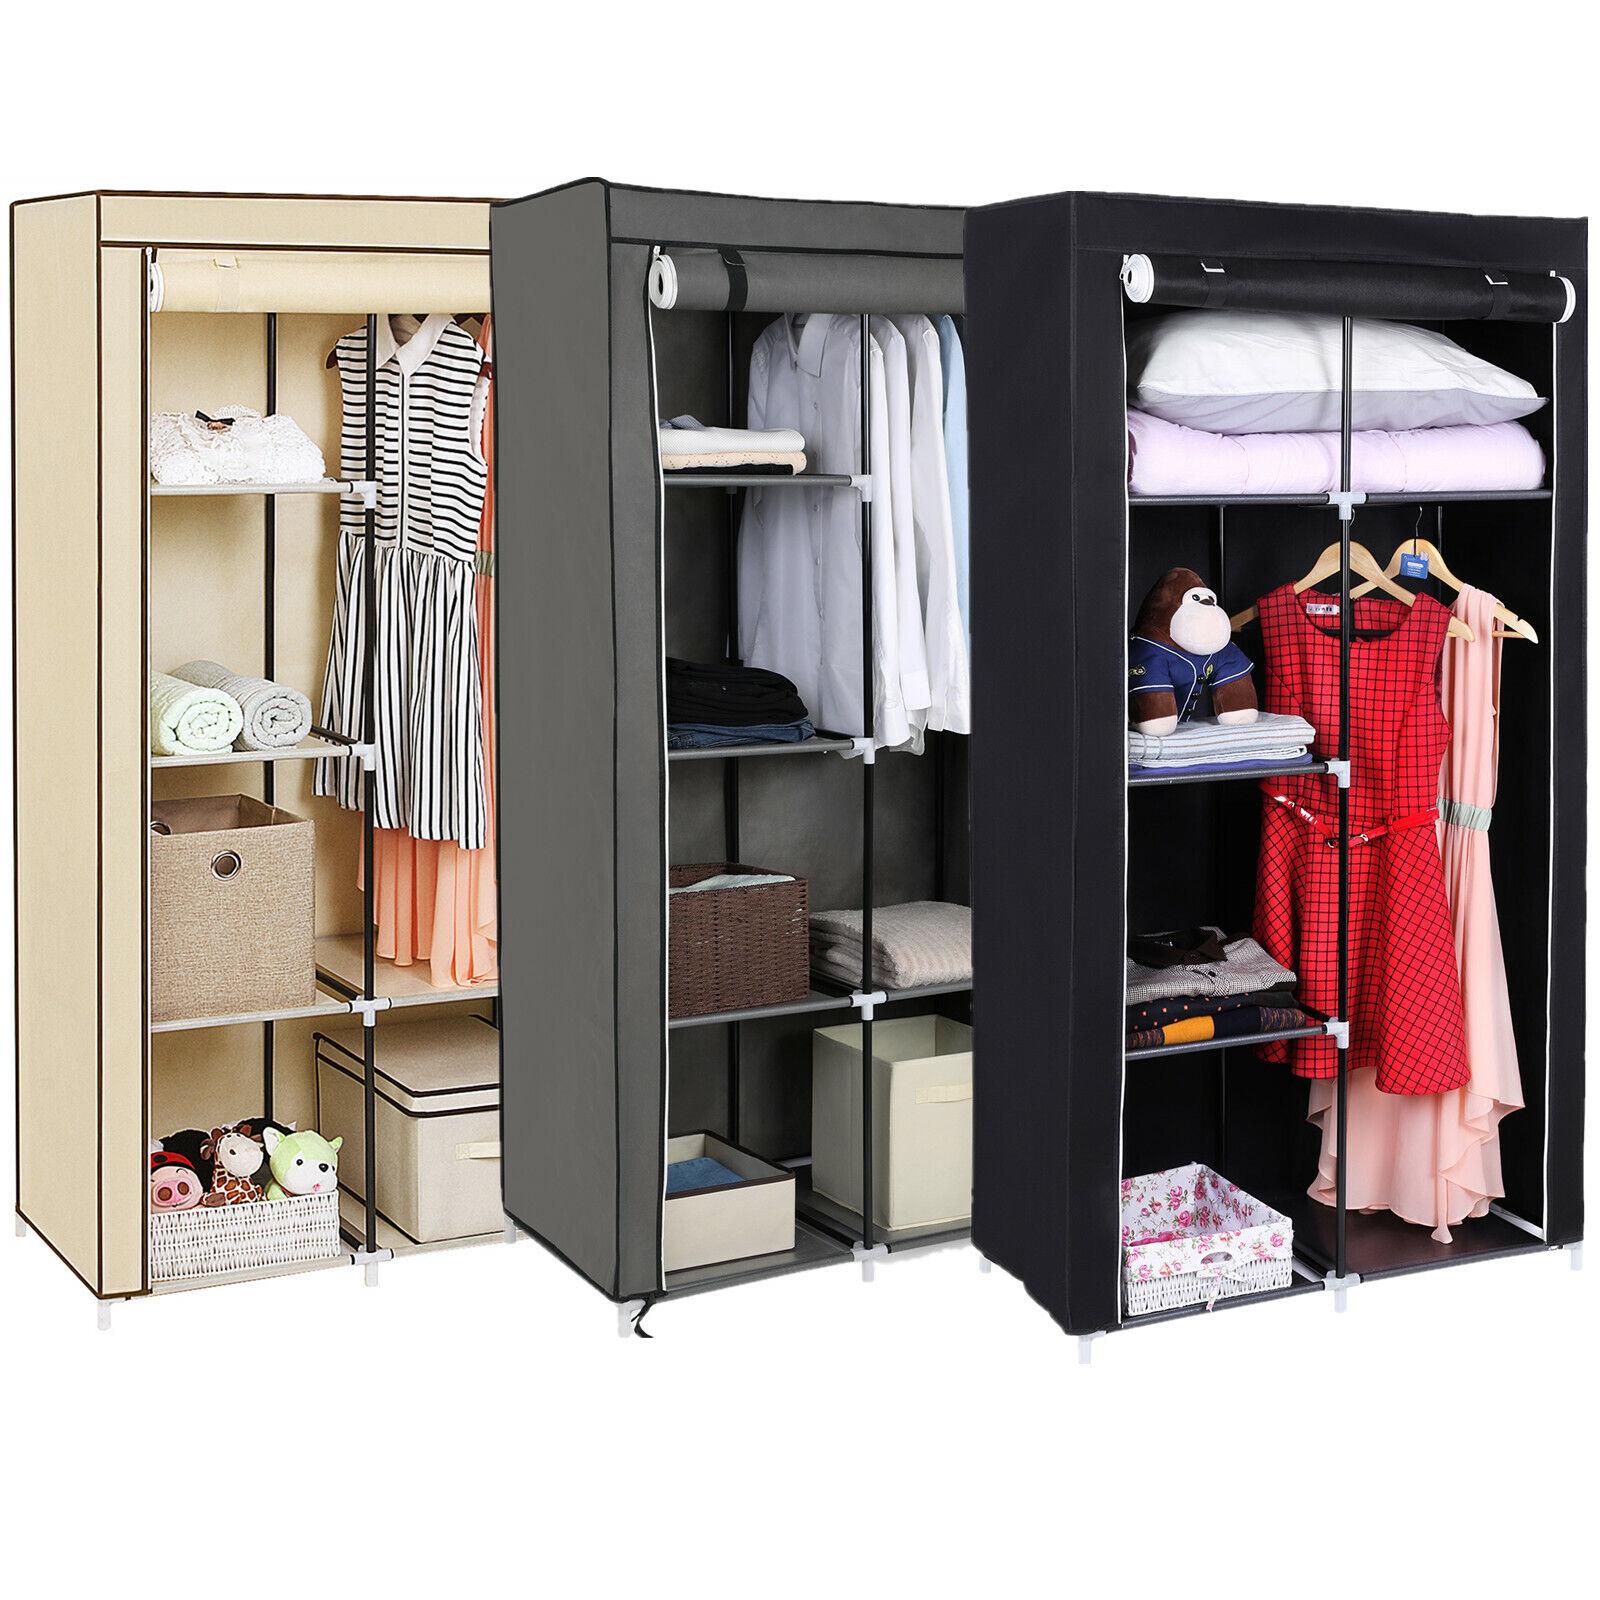 Faltschrank Kleiderschrank 88x170x45cm Stoffschrank Garderobe Aufbewahrung Regal